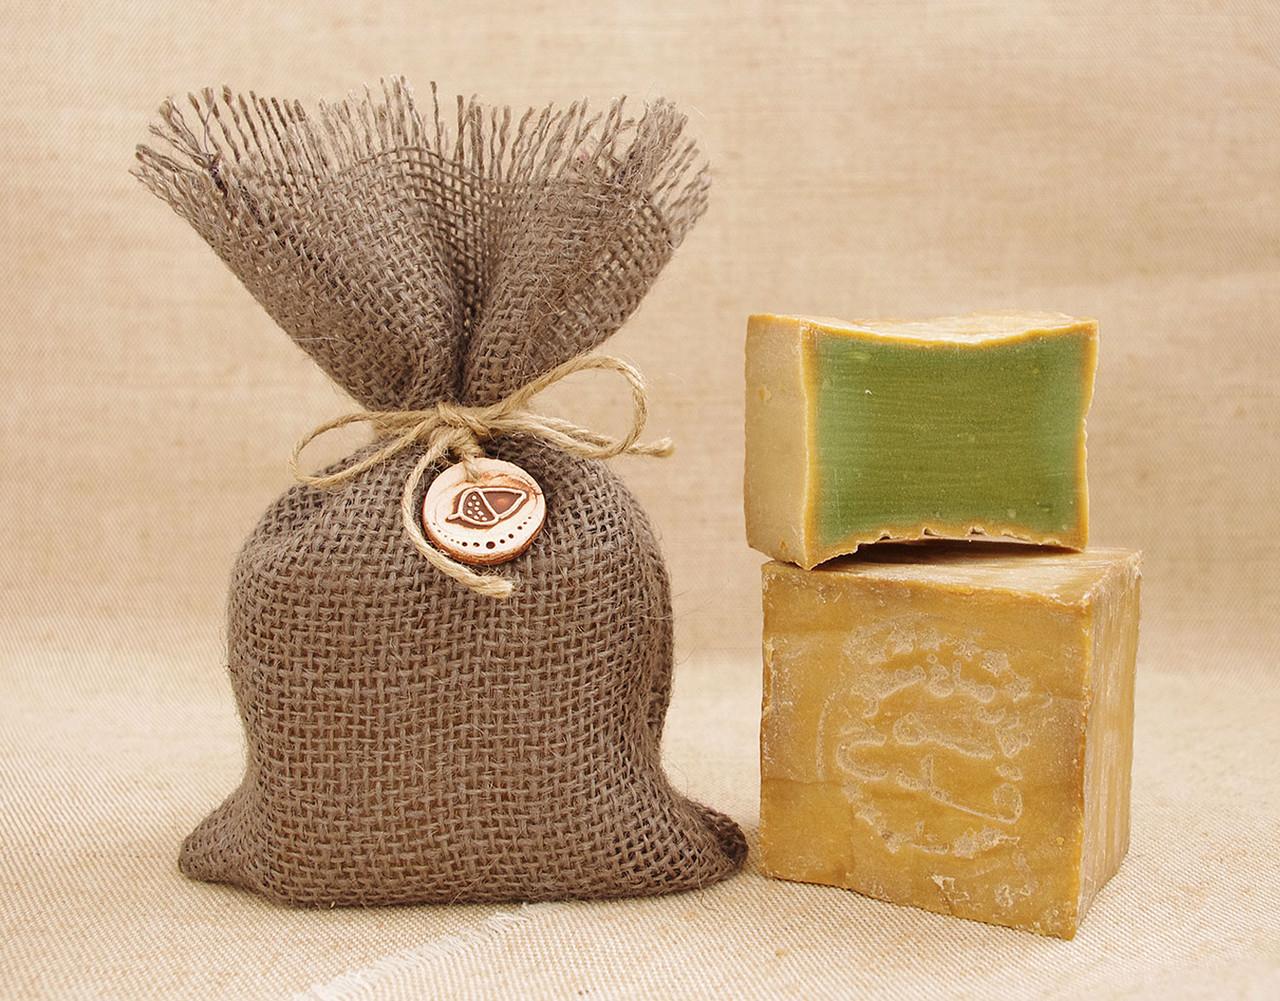 Традиционное алеппское мыло Kadah,  5% лавра, 200g.(в полотняном мешочке с фишкой), Турция